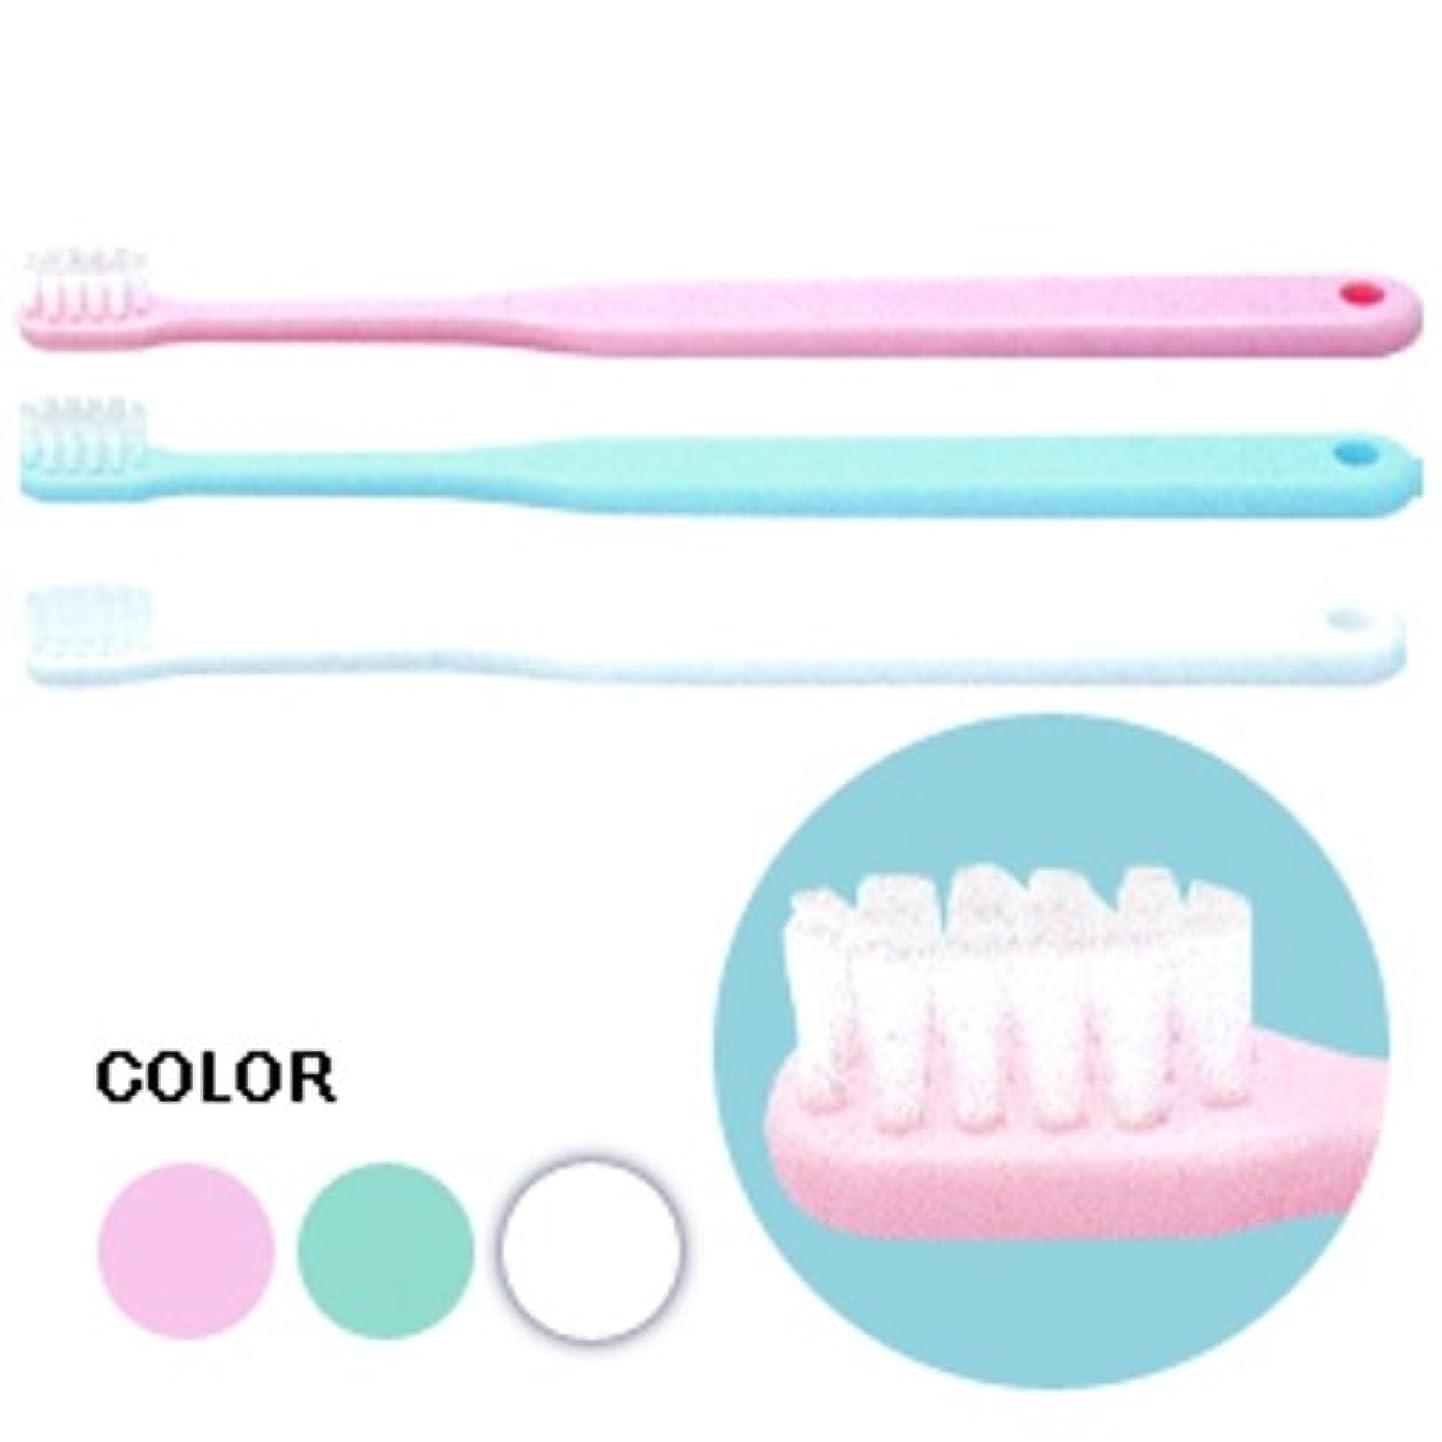 確認してください説得リファインCiメディカル 歯ブラシ Ci602 仕上げ磨き用 × 3本 アソート